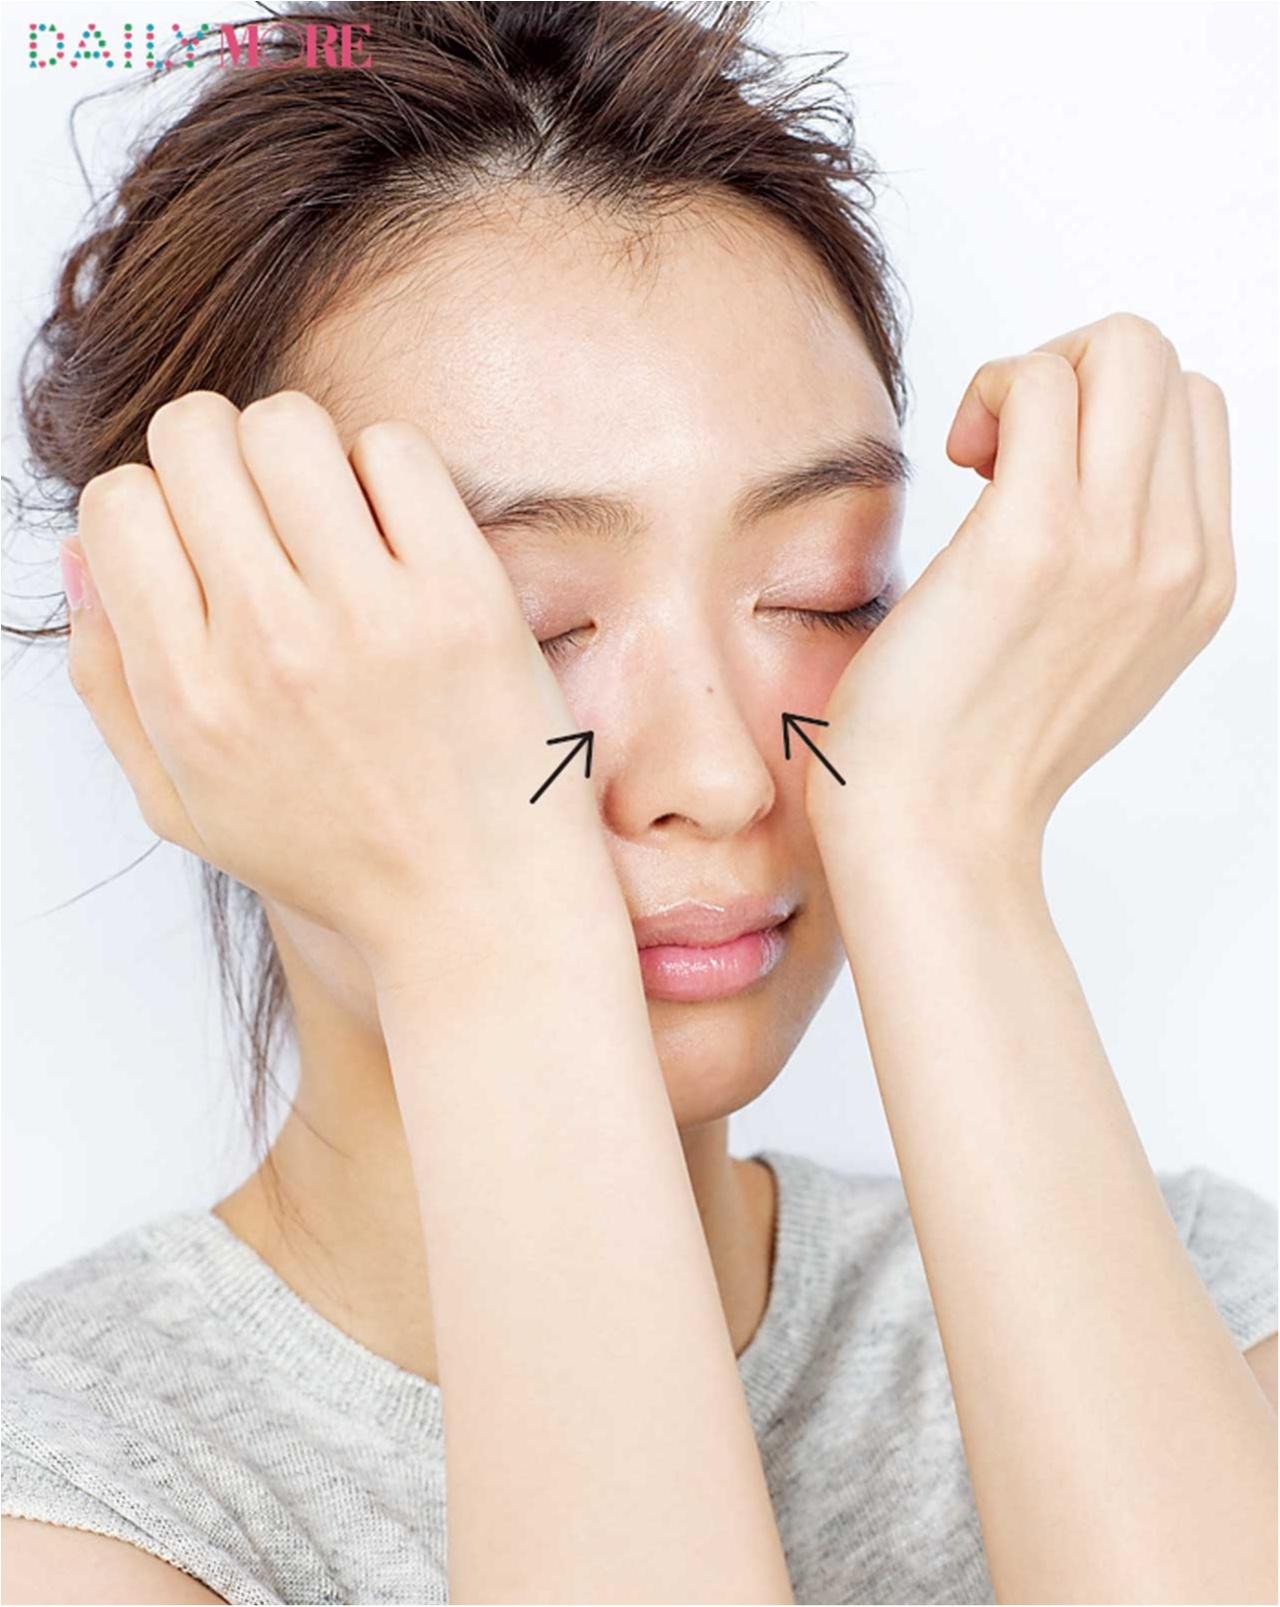 小顔マッサージ特集 - すぐにできる! むくみやたるみを解消してすっきり小顔を手に入れる方法_72